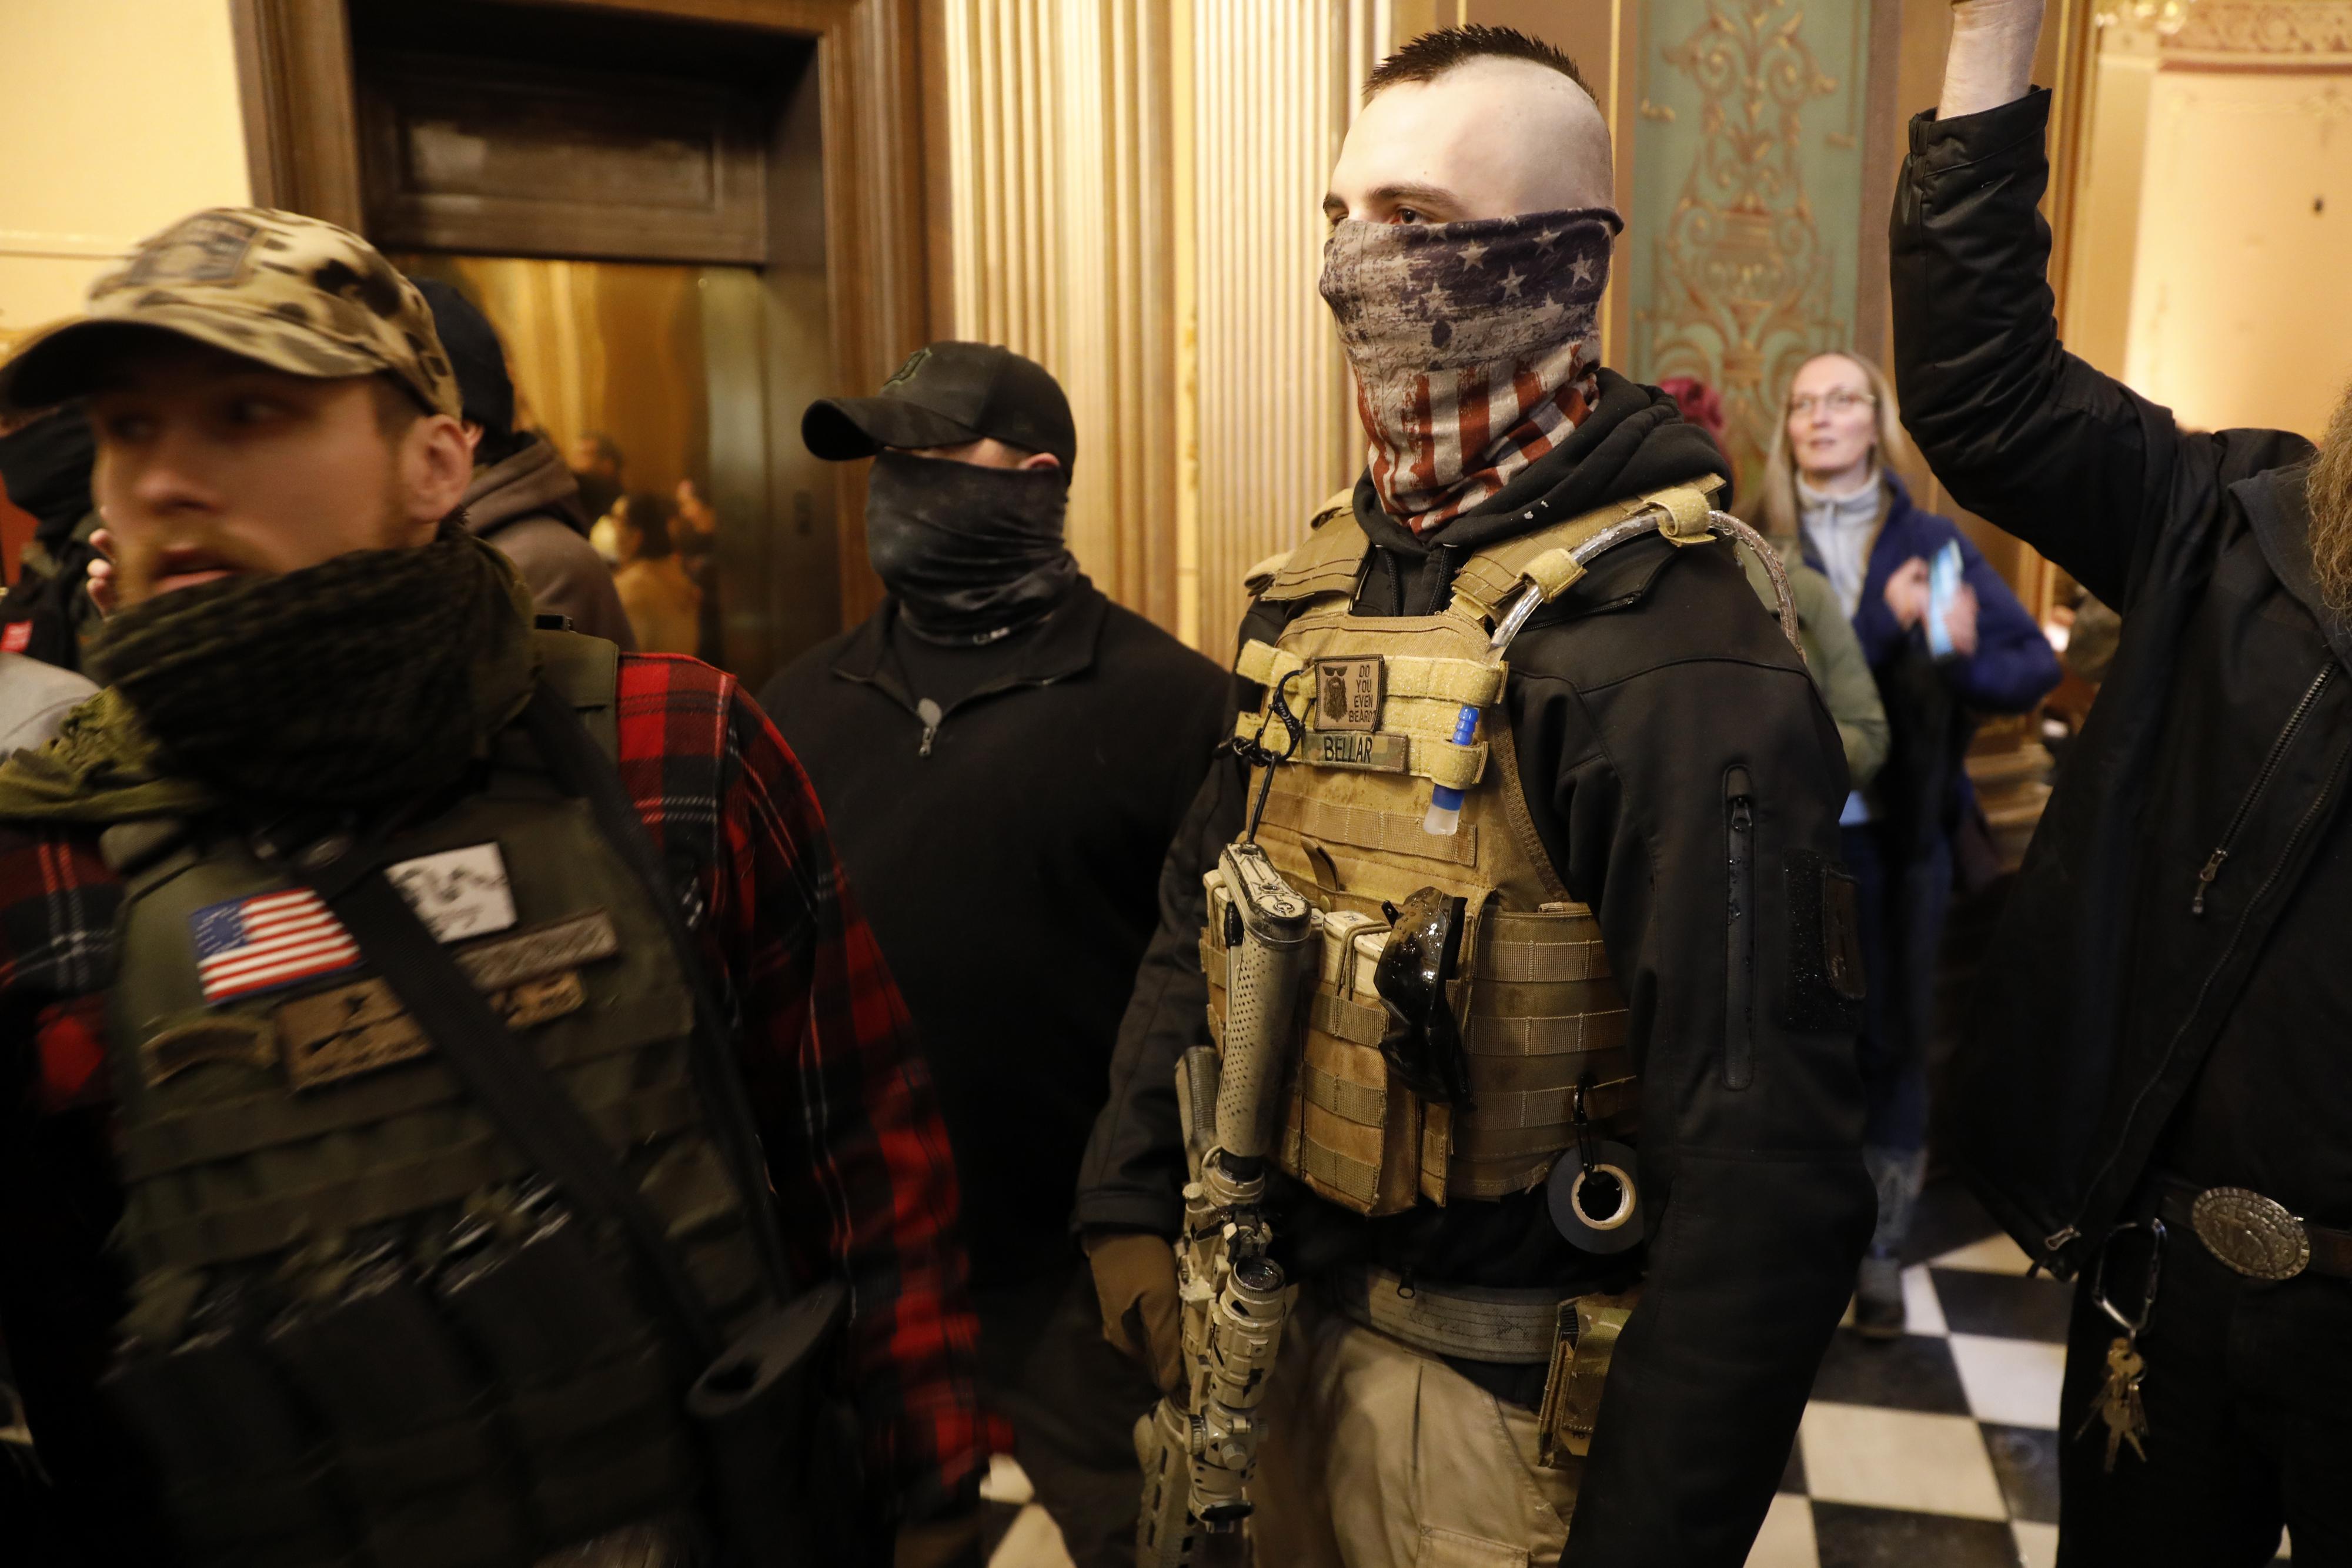 Fegyveres tüntetők mentek be a michigani törvényhozás épületébe